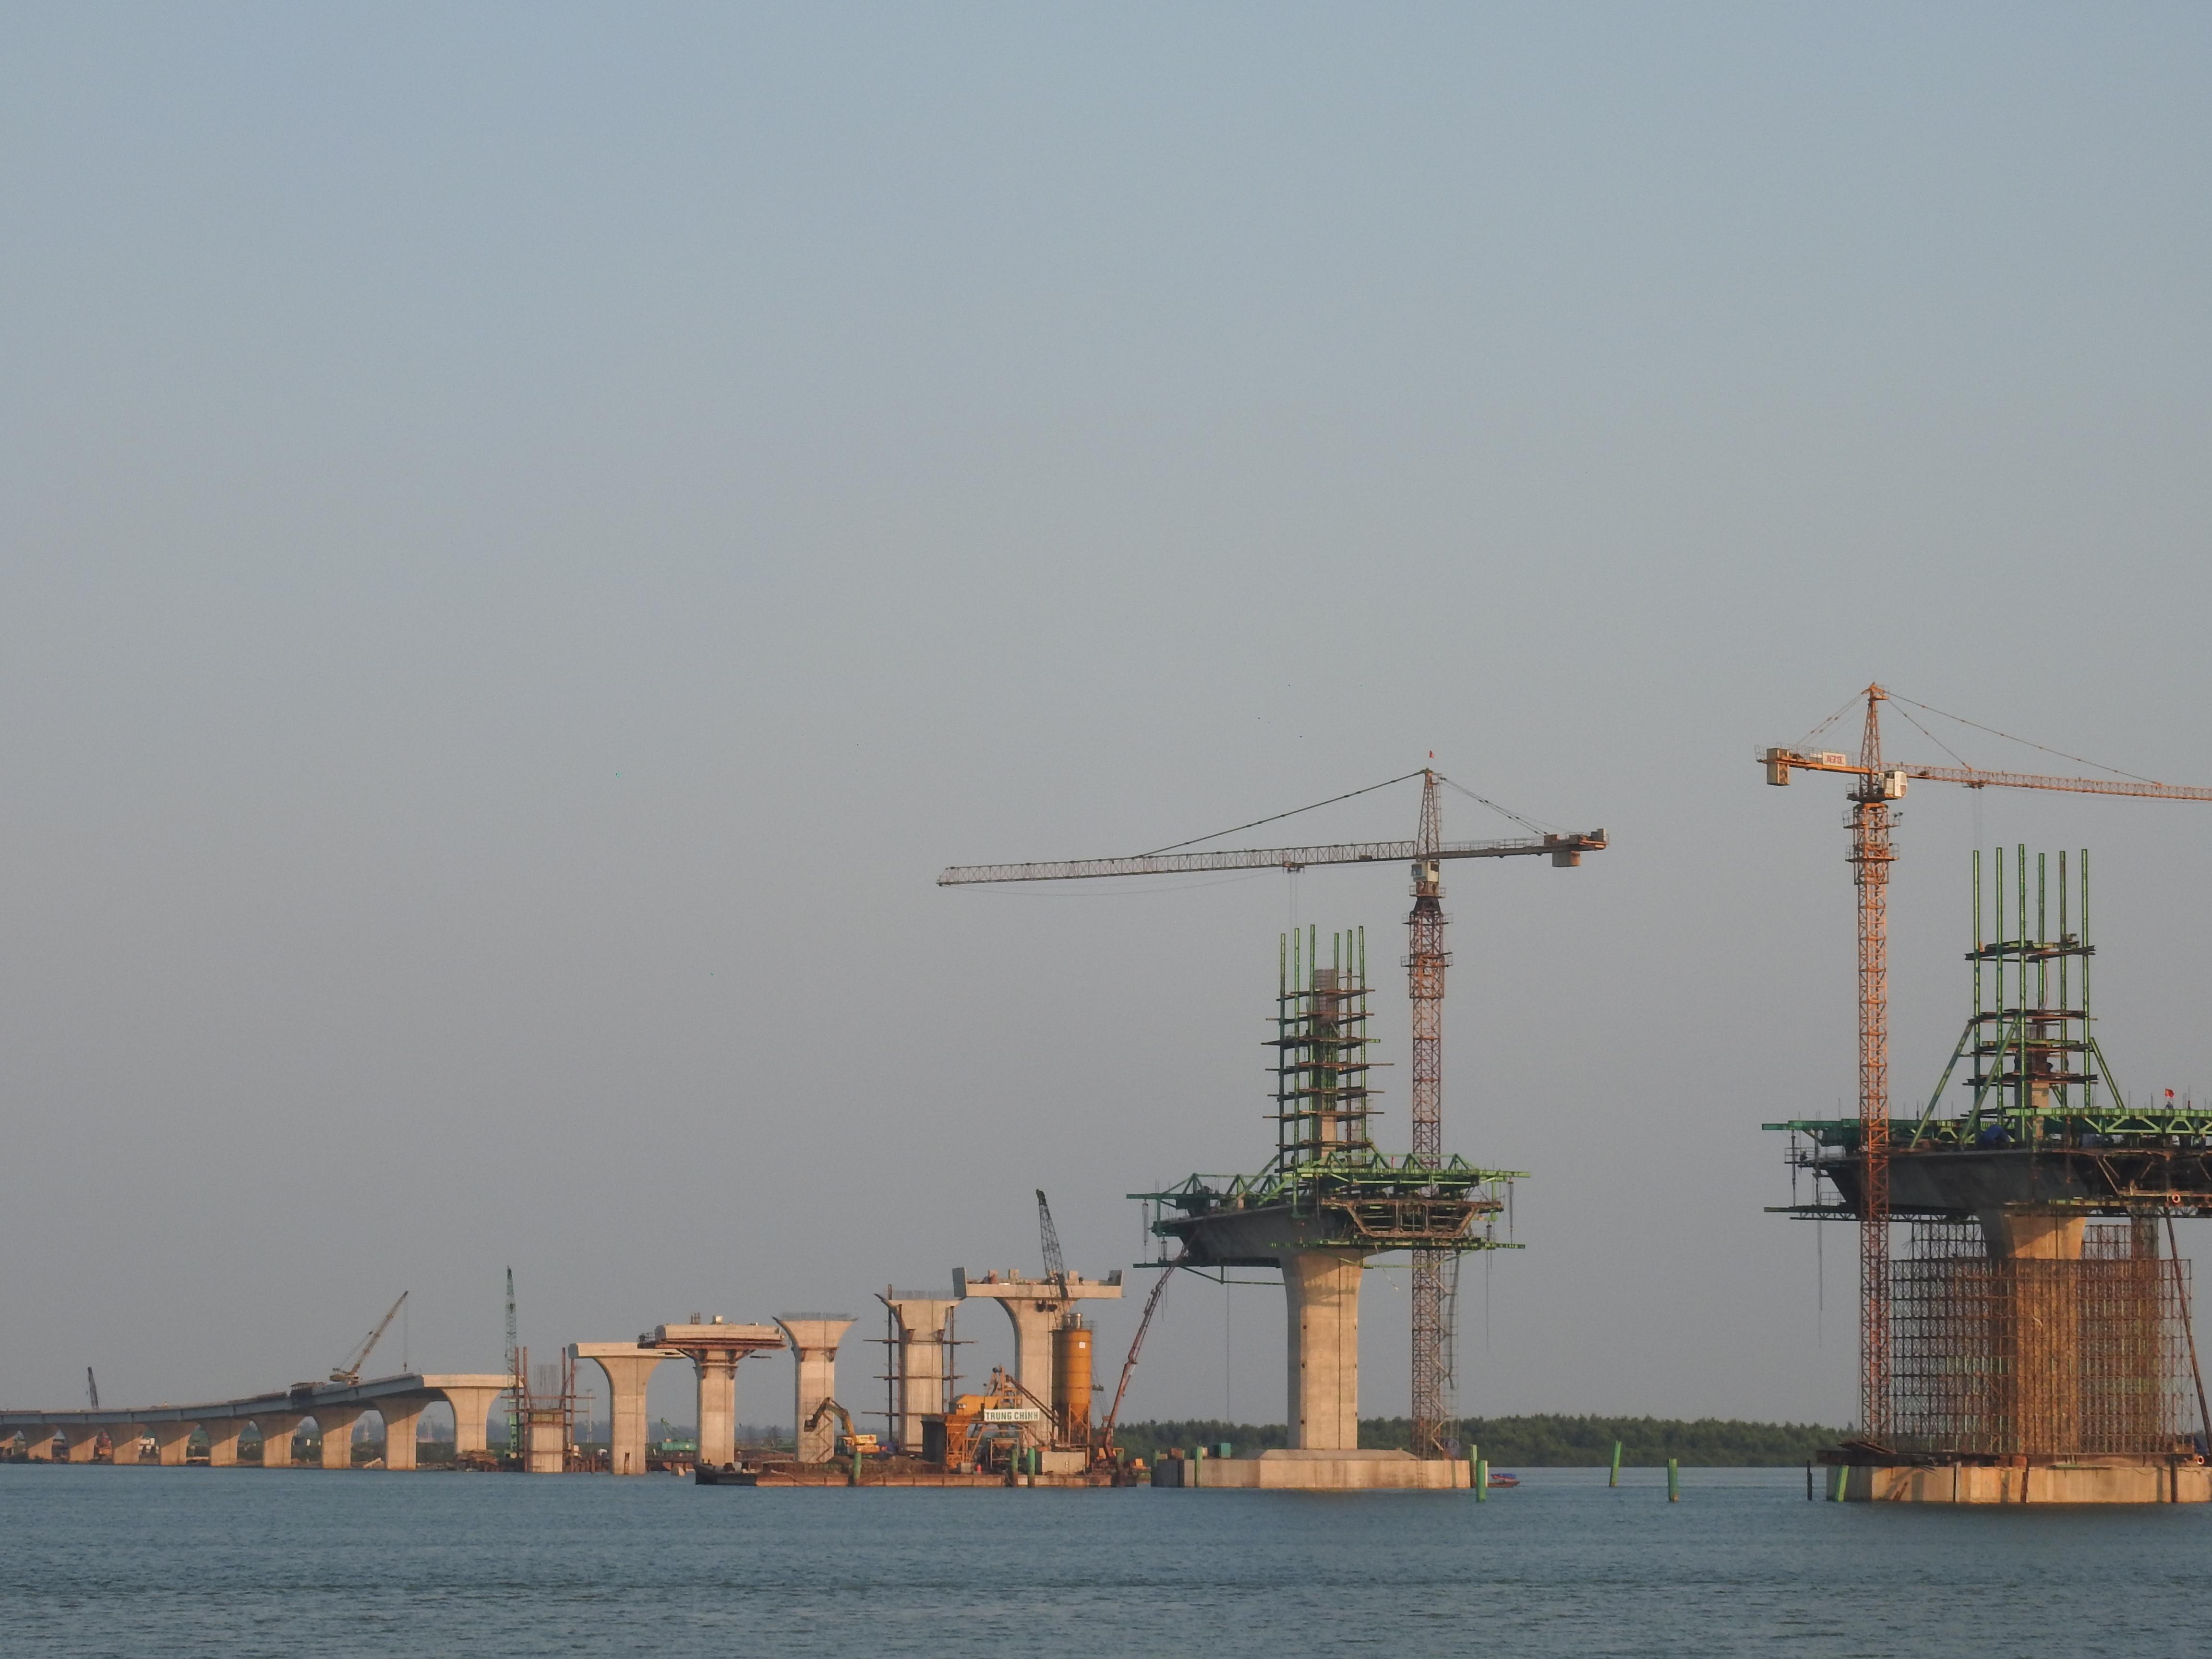 Cận cảnh cầu Cửa Hội nối hai tỉnh Nghệ An - Hà Tĩnh, tổng mức đầu tư 950 tỉ đồng, dự kiến thông xe tháng 8/2020 - Ảnh 5.